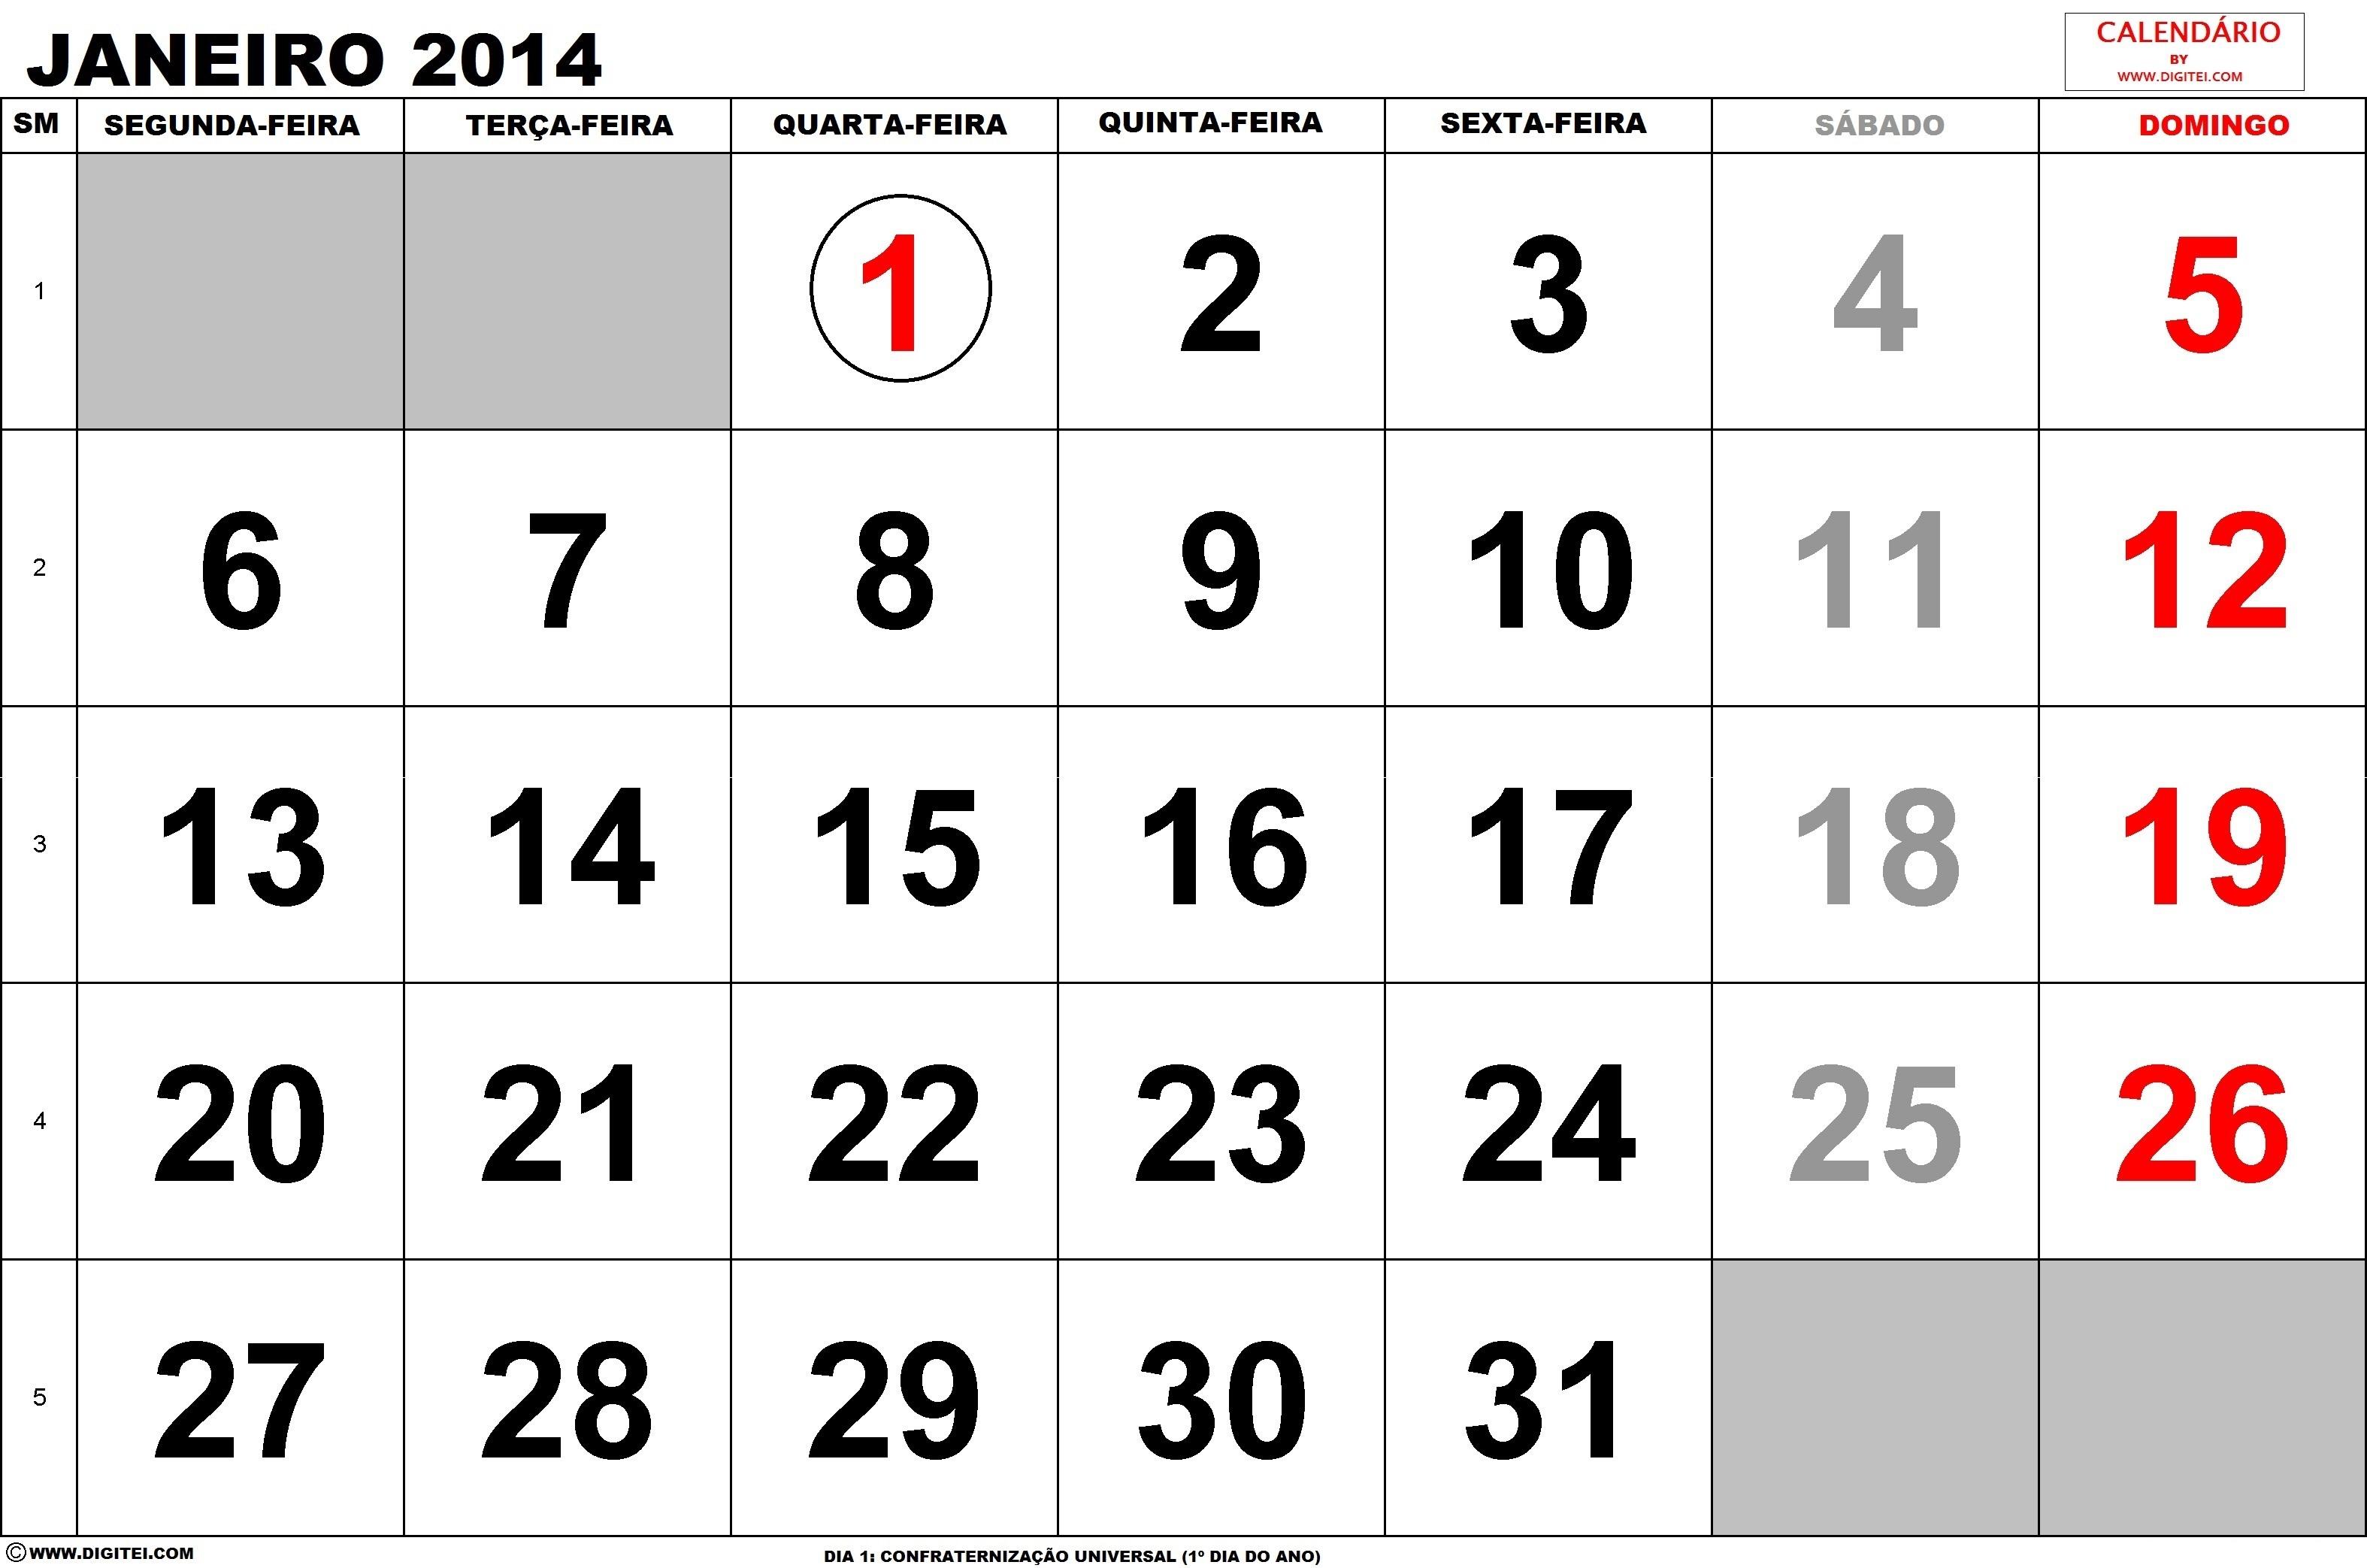 Calendario Janeiro 2014 para imprimir com feriados - calendario 2014 janeiro